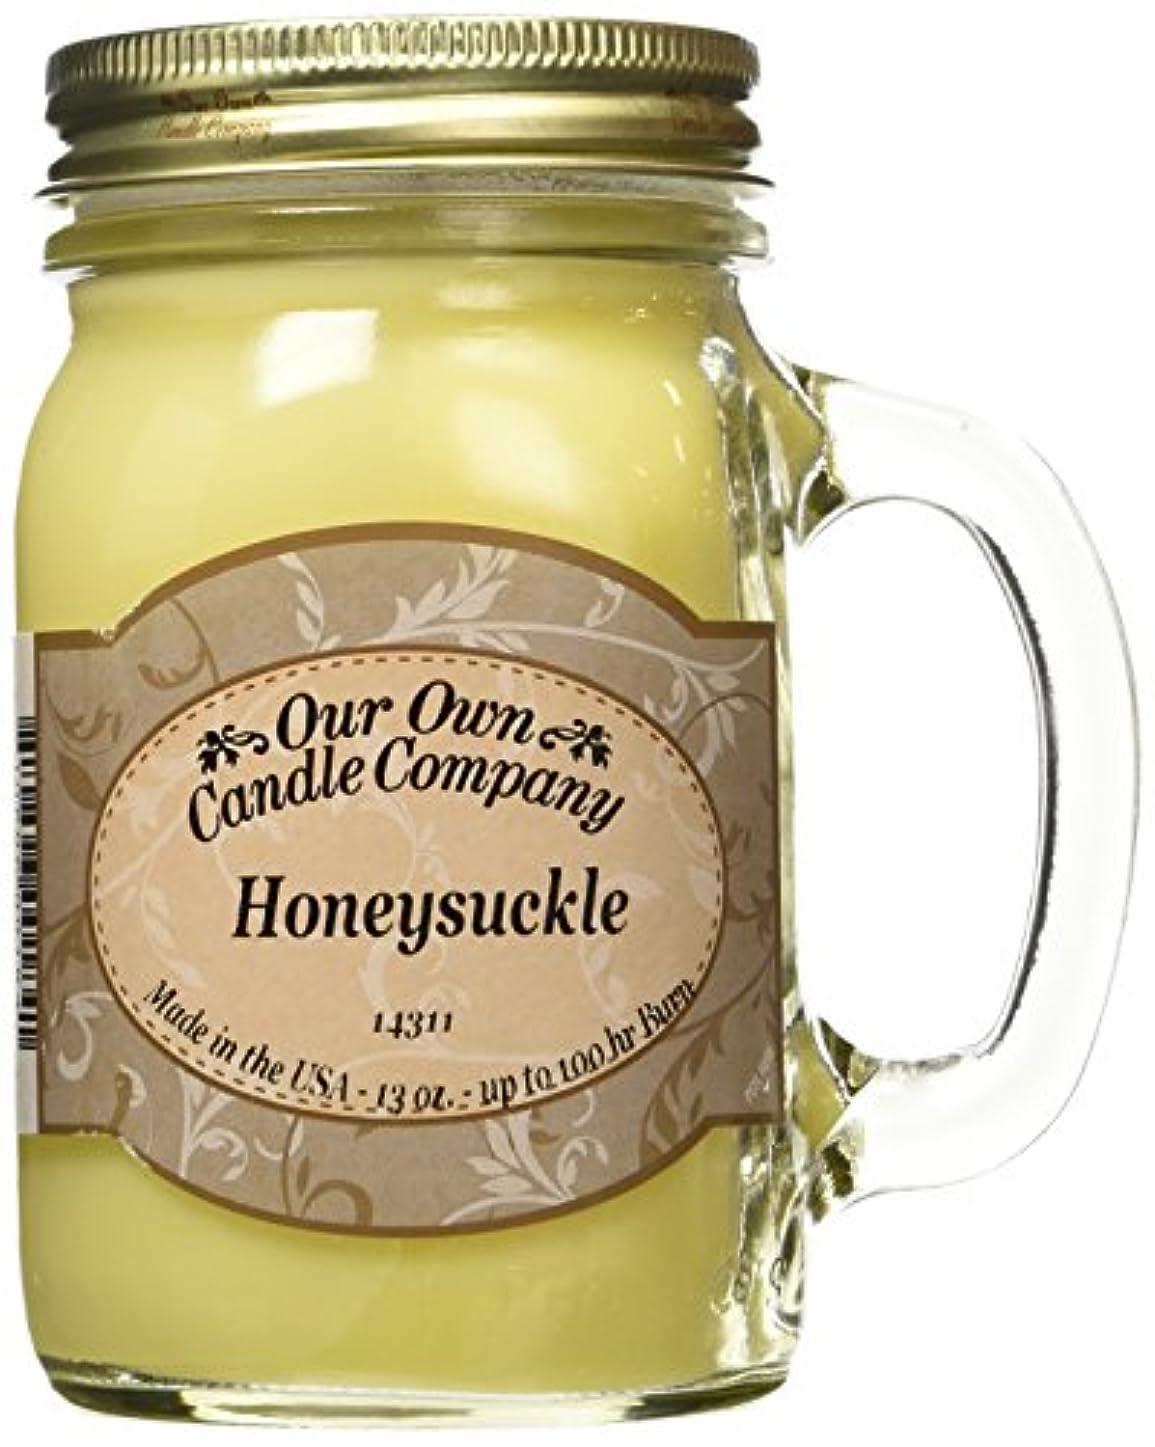 どんなときも合唱団前アロマキャンドル メイソンジャー ハニーサックル ビッグ Our Own Candle Company Honeysuckle big 日本未発売フレグランス